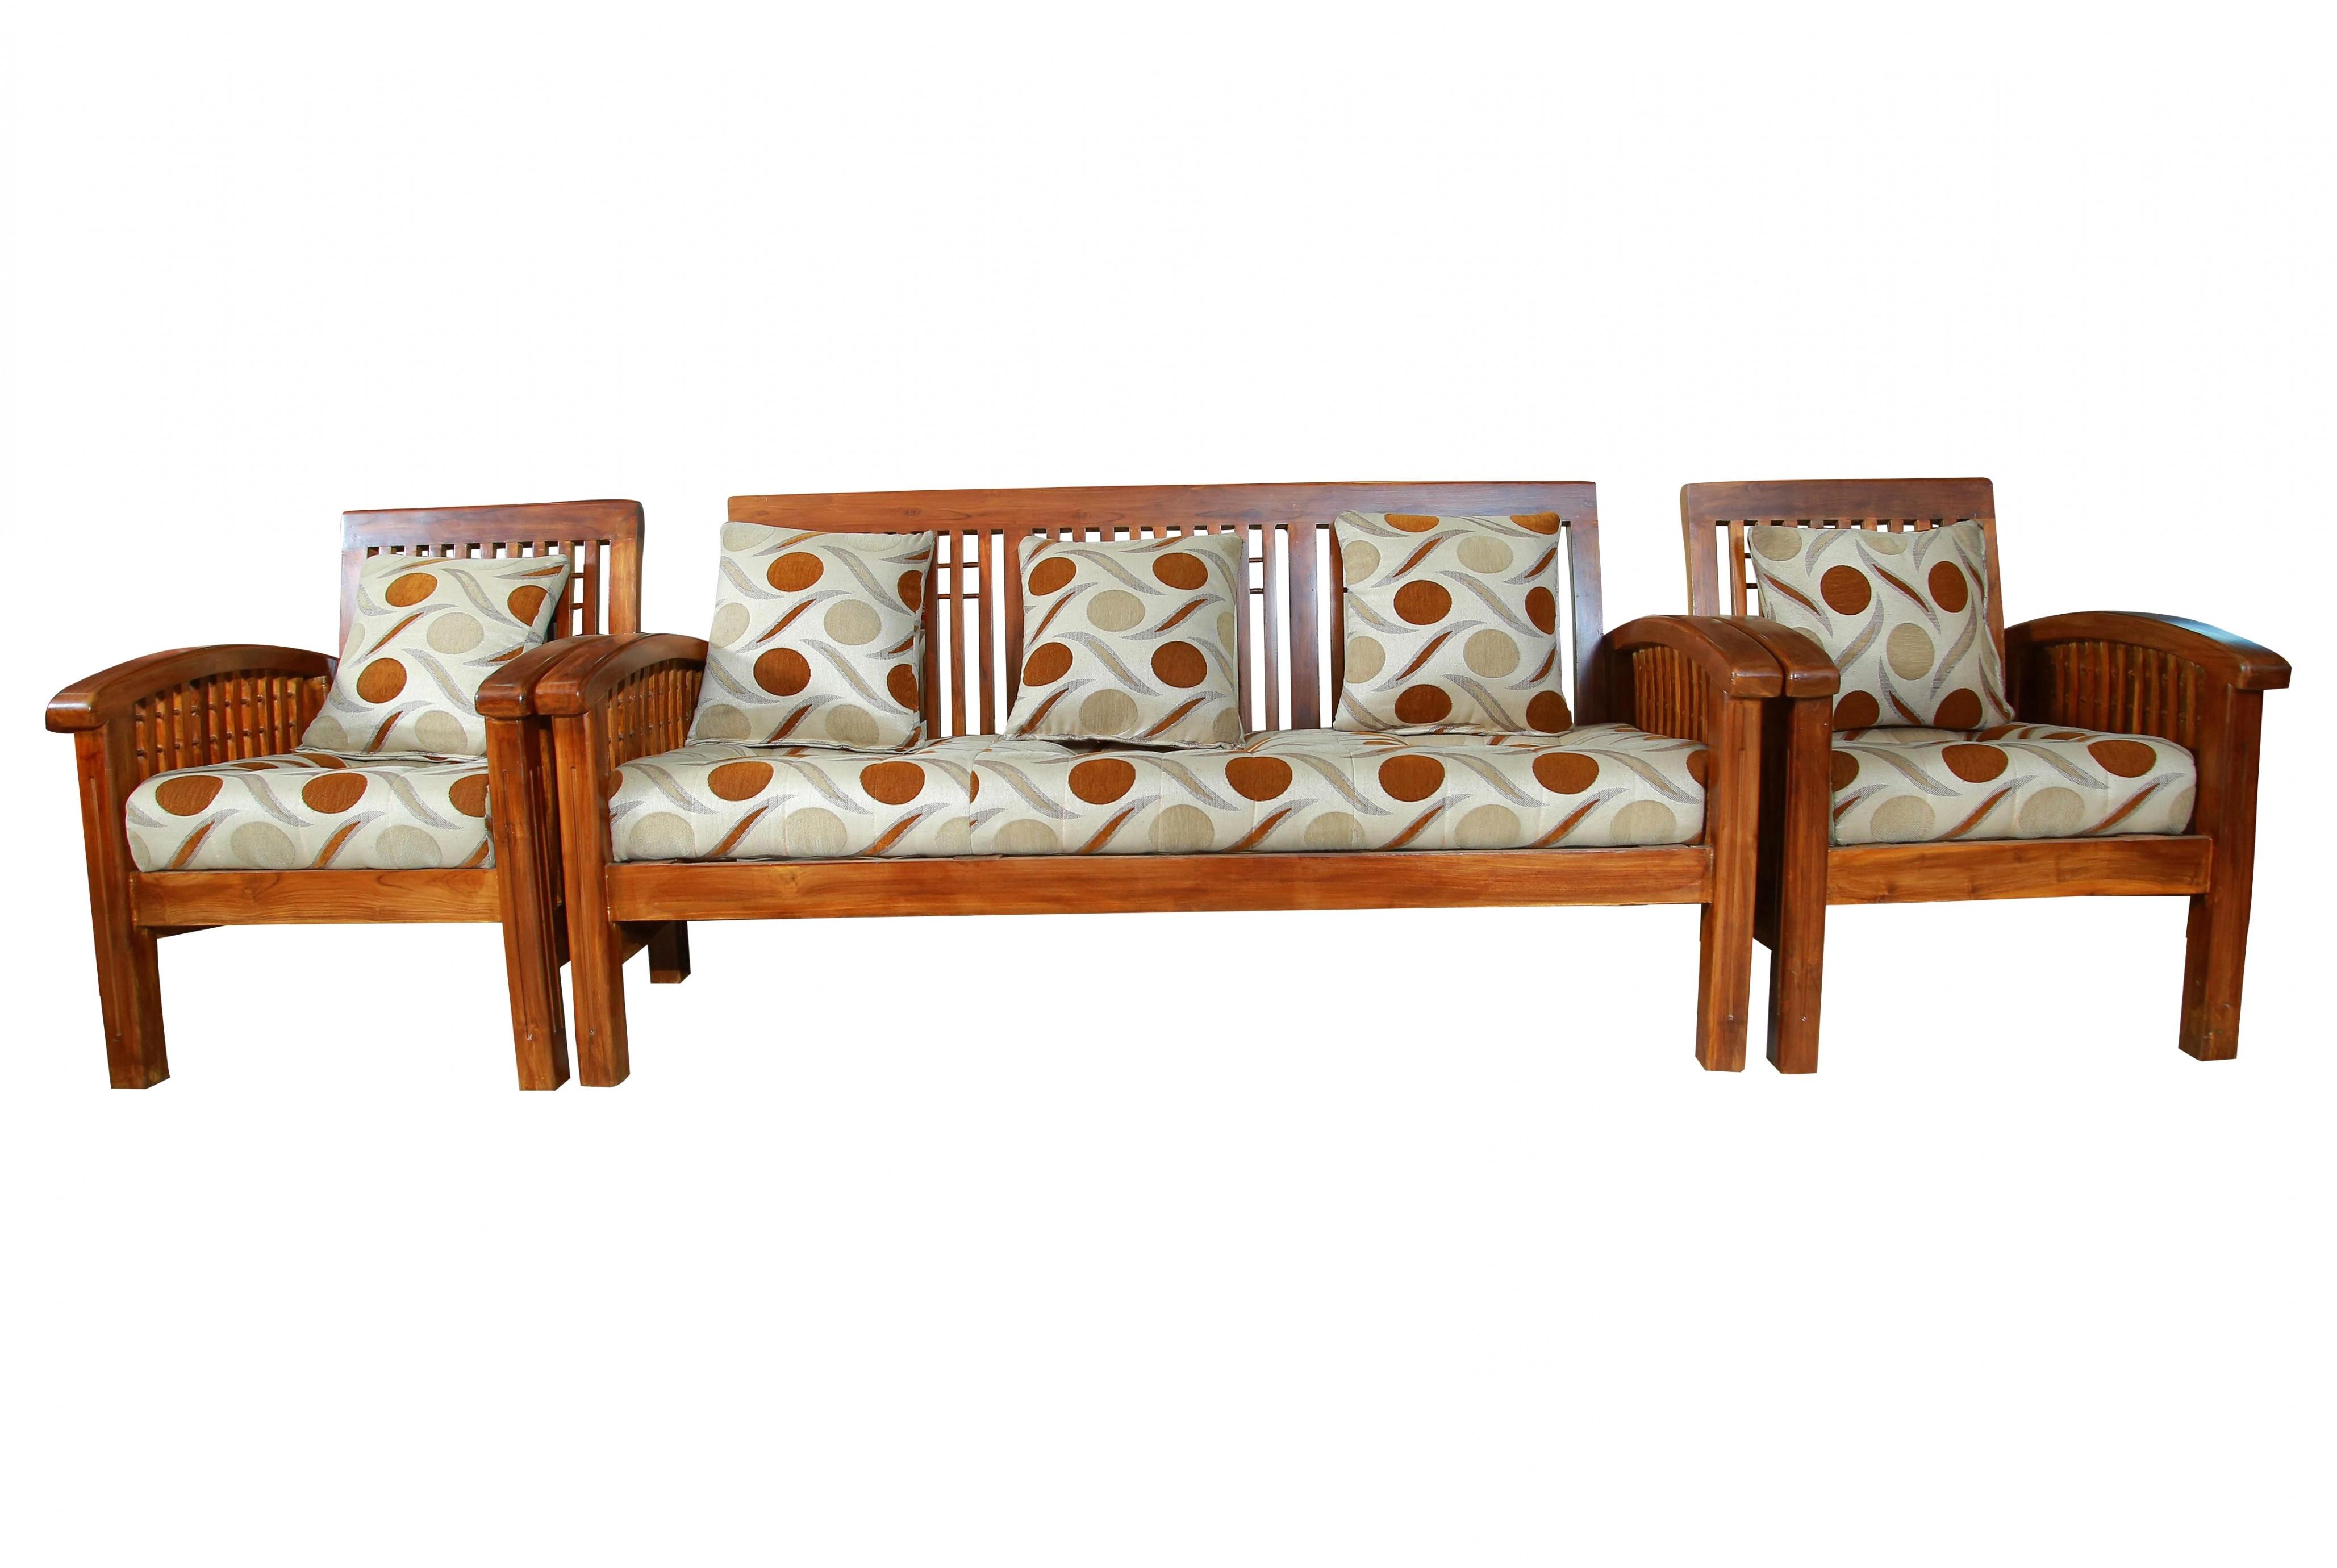 las maravilloso sofa cama desplegable proyecto debido a condecorarpictures